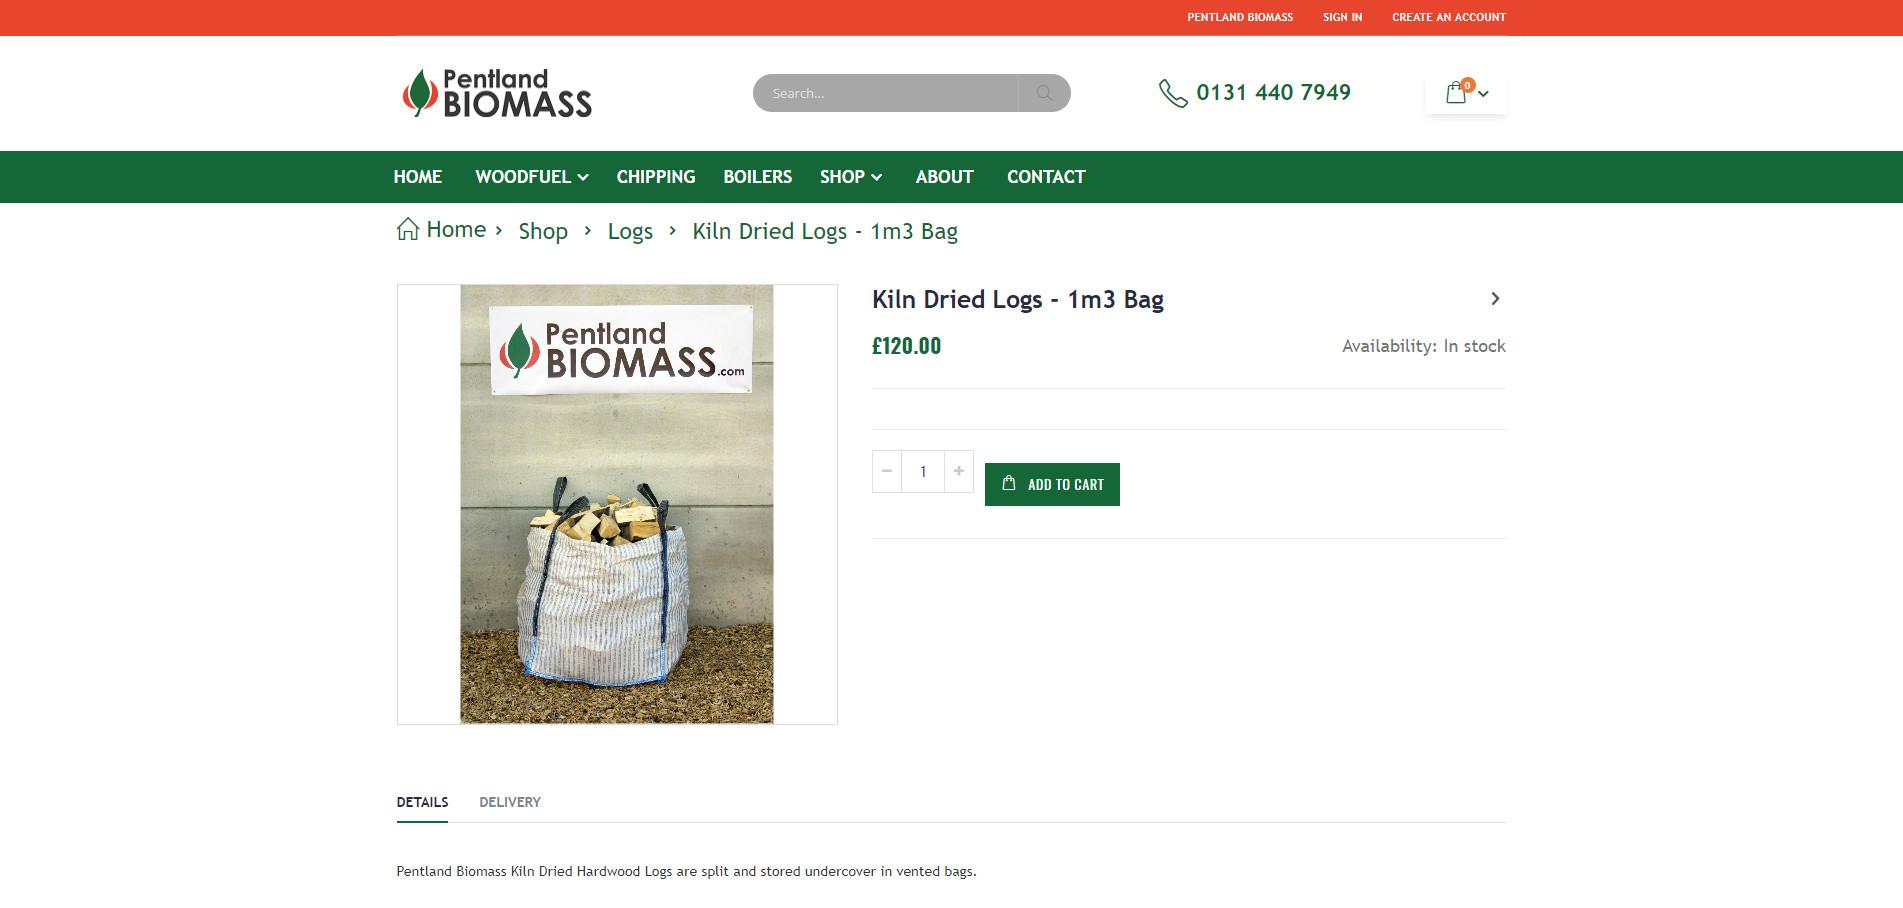 Kiln-Dried-Logs-1m3